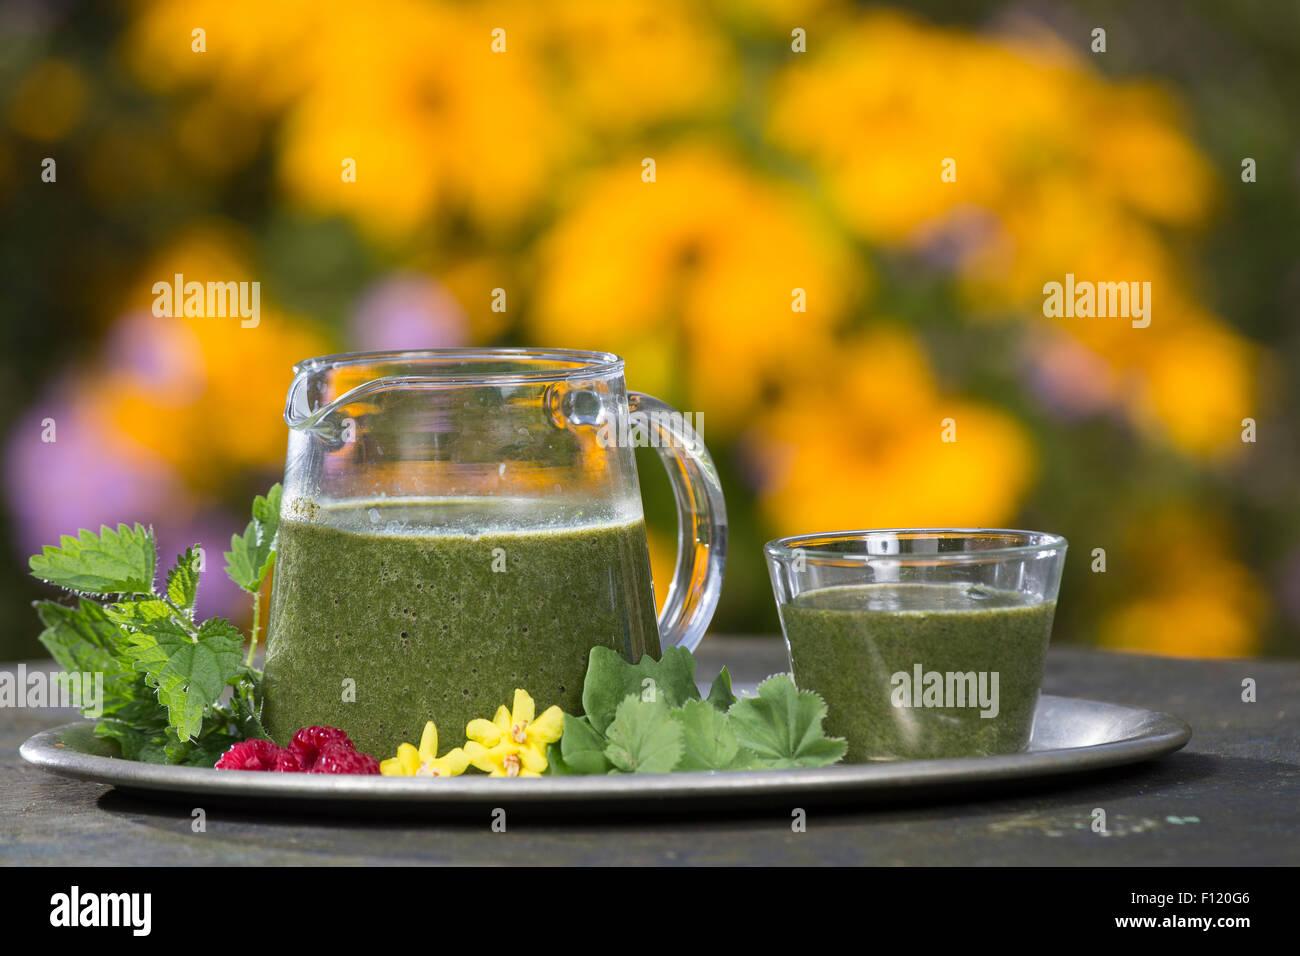 Green Smoothie Smoothie, Grüner Smoothie, Smoothy, Ganzfruchtgetränk, Gesund, Gesundheit, Gesundheit, Stockbild